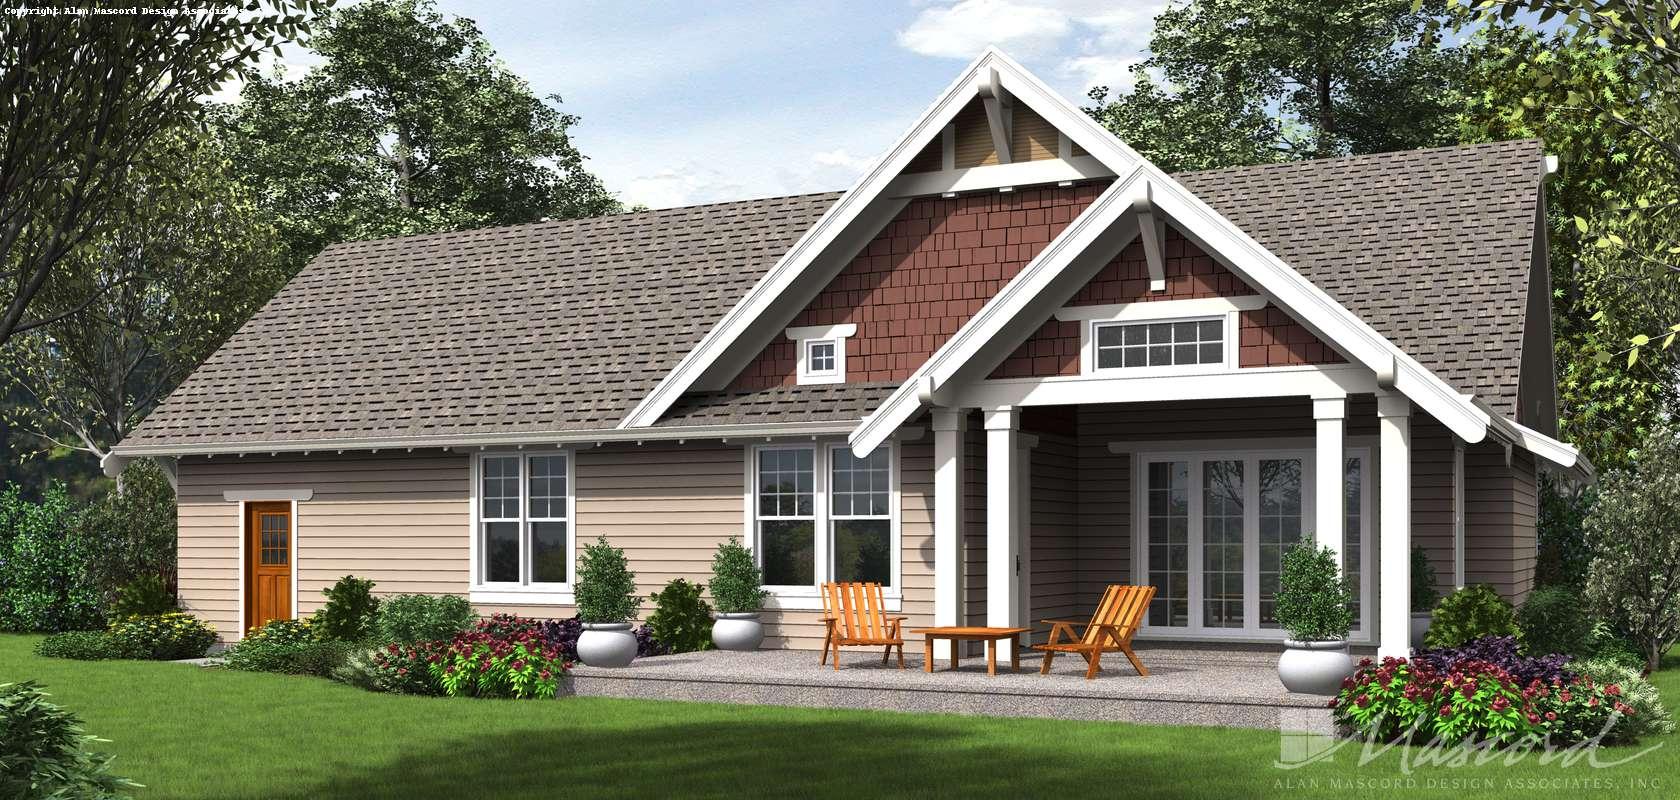 Mascord House Plan 22208: The Davidson